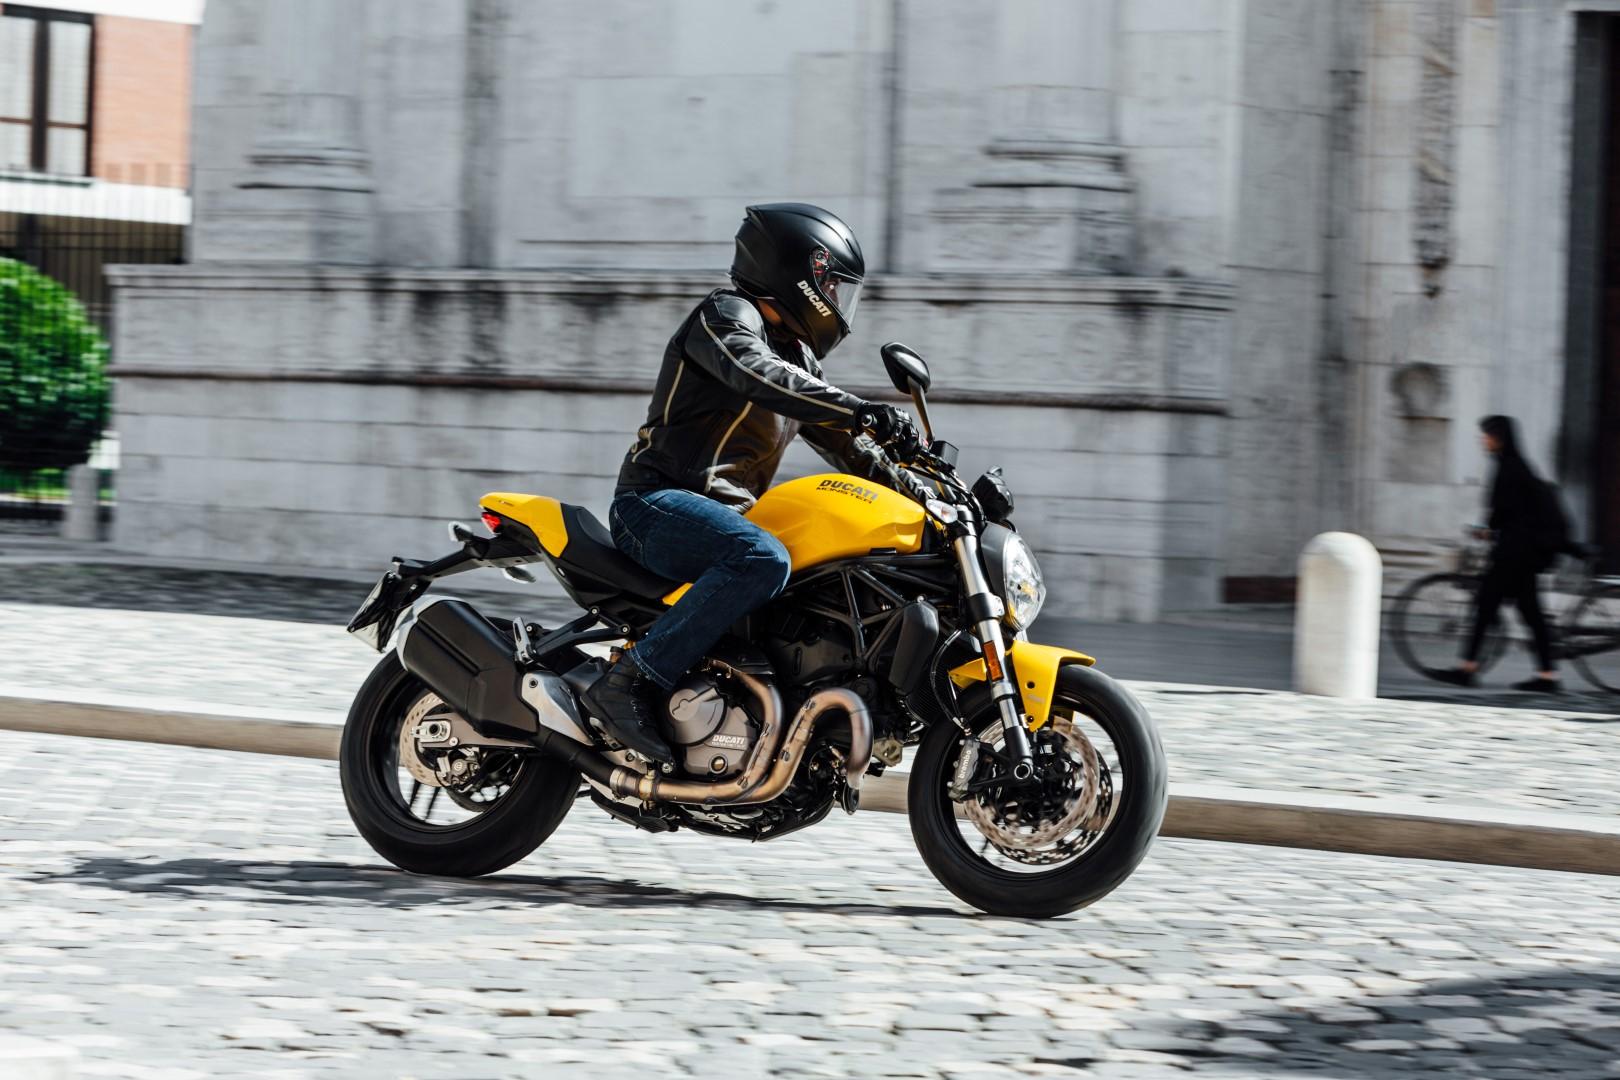 Moto del Año 2018: El premio, Ducati Monster 821